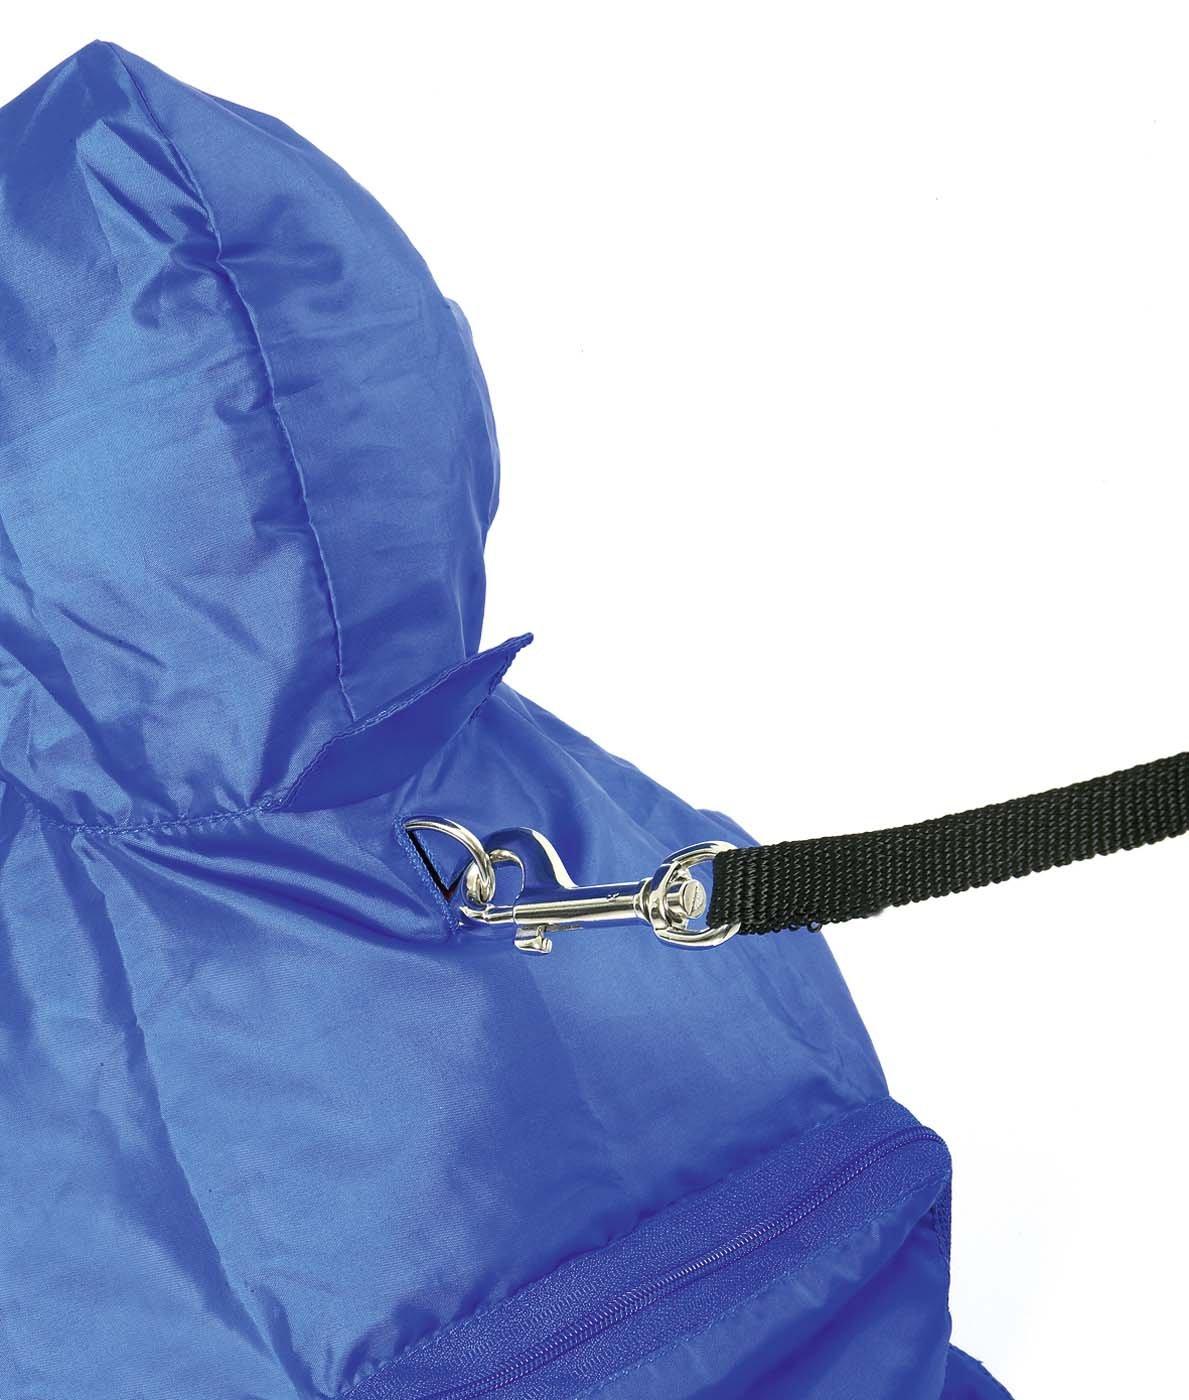 30 cm Karlie Pocket Star Dog Raincoat S Red